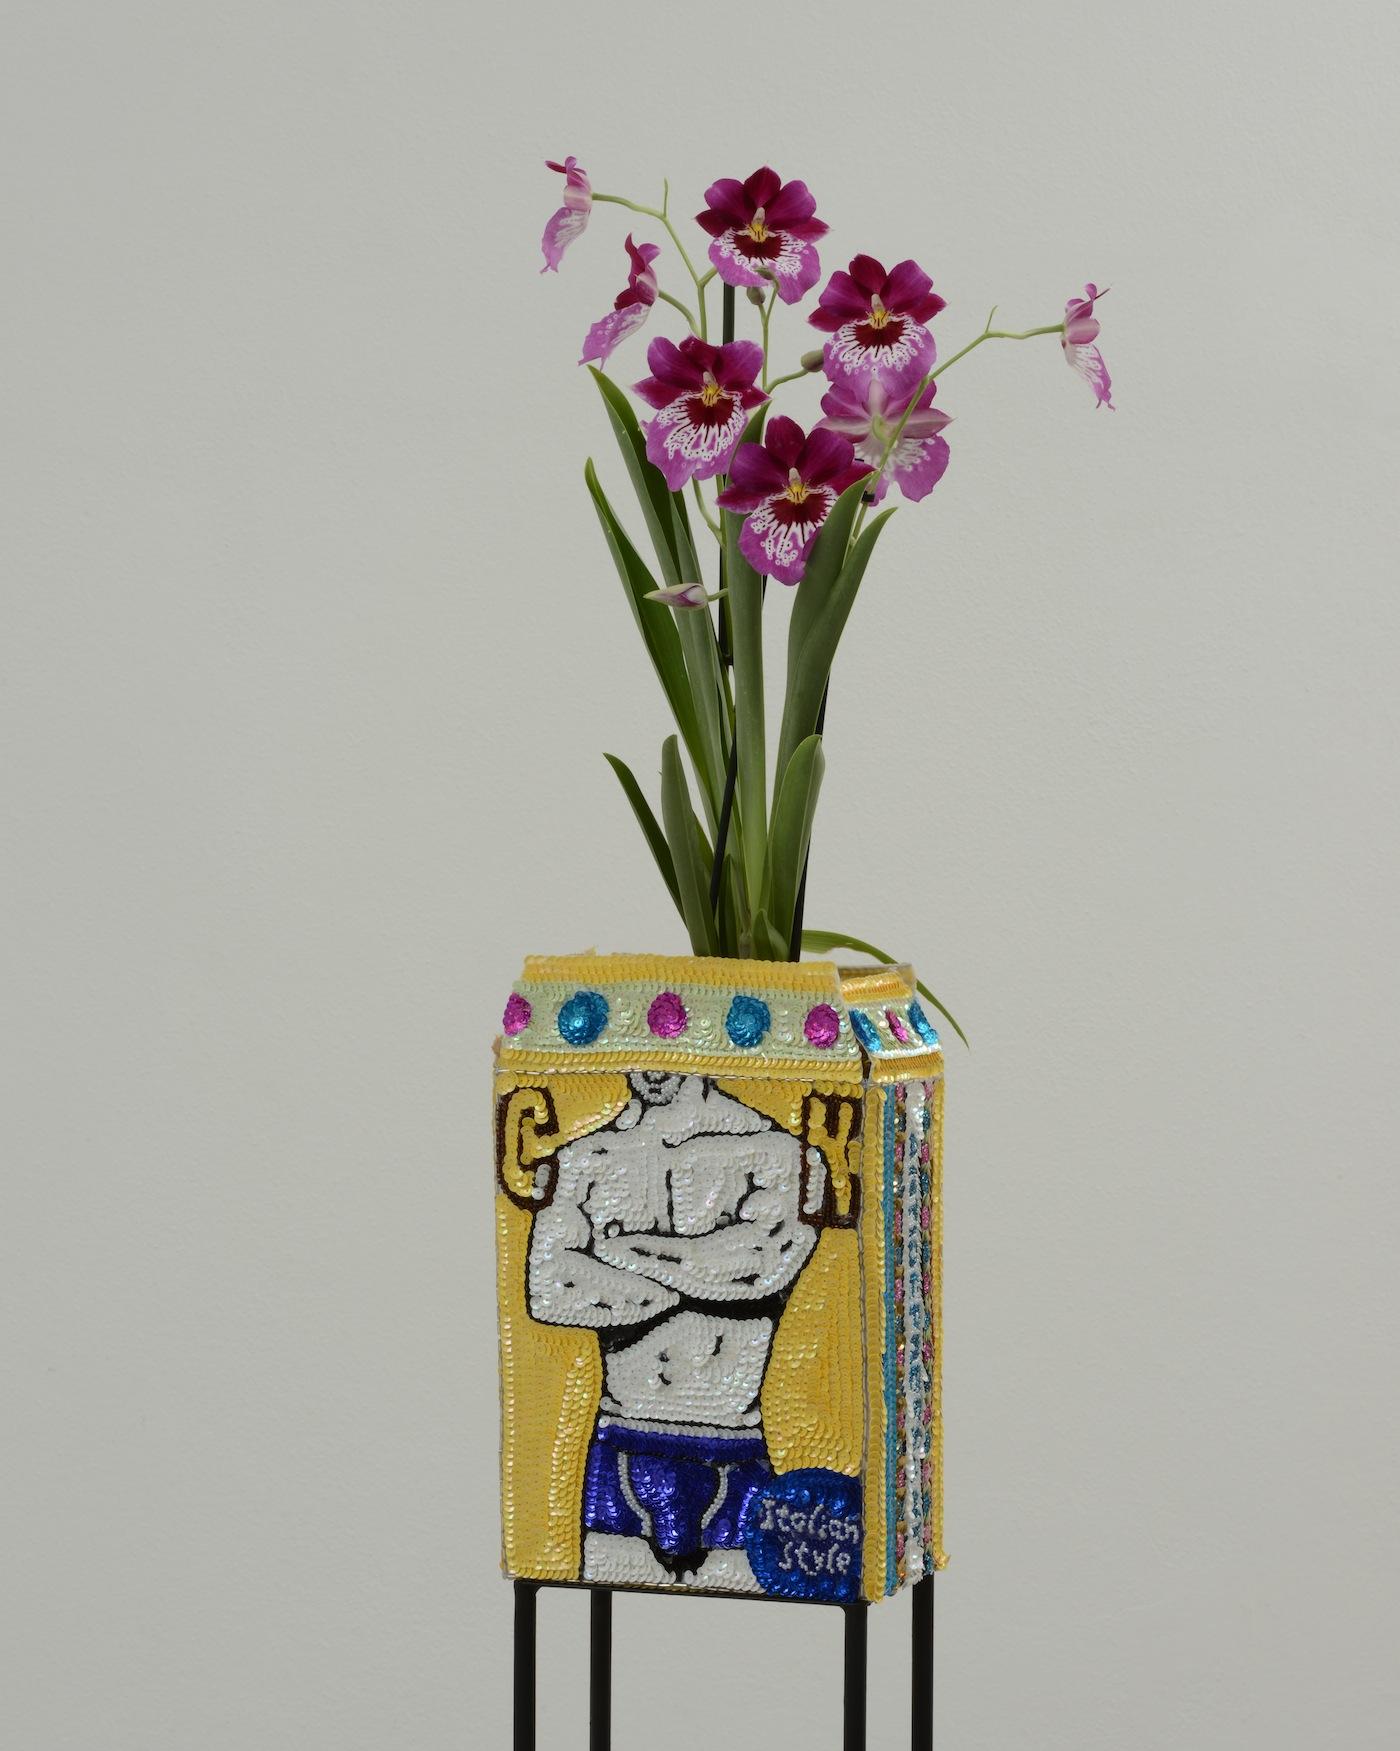 Daniel Gonzalez, FL 35, CK Flowerpot Antidepressant, 2012-2015, Paillettes cucite su tela, ferro, smalto , 24 x 17 x 10 cm, Courtesy Galleria Studio La Città, Verona